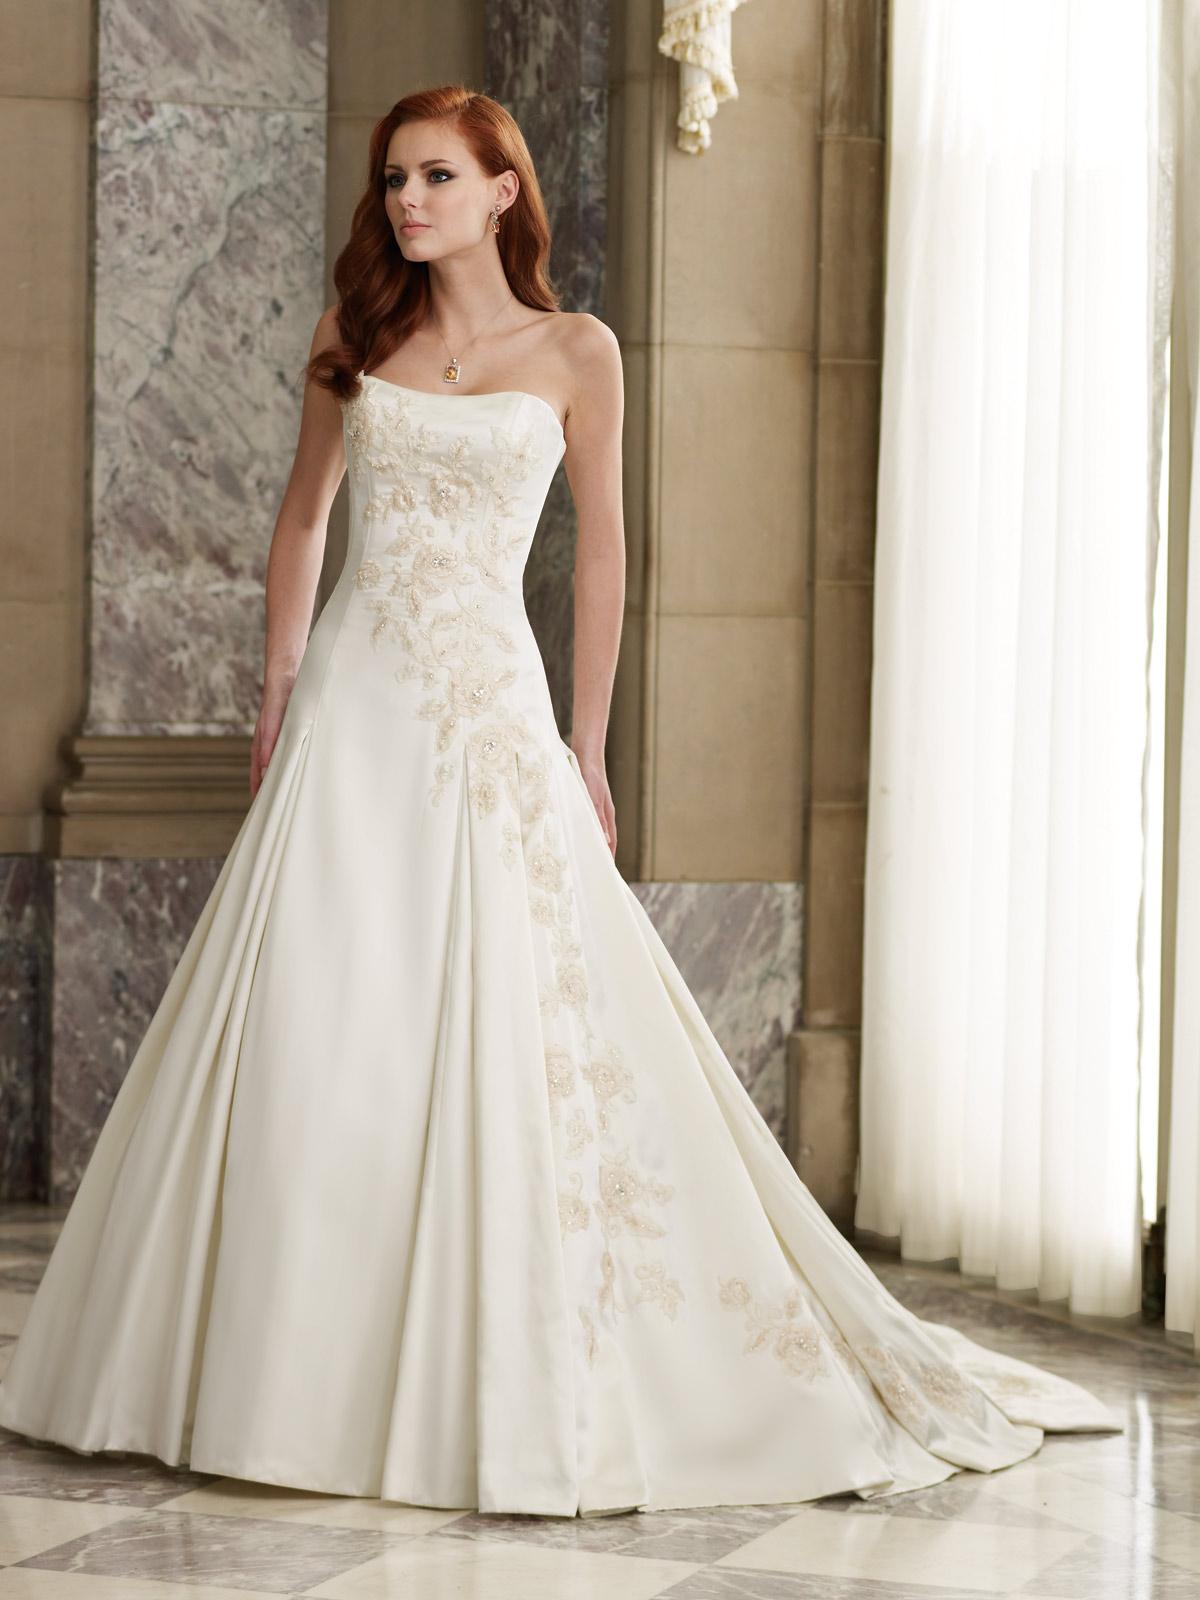 Expensive Designer Wedding Dresses Uk